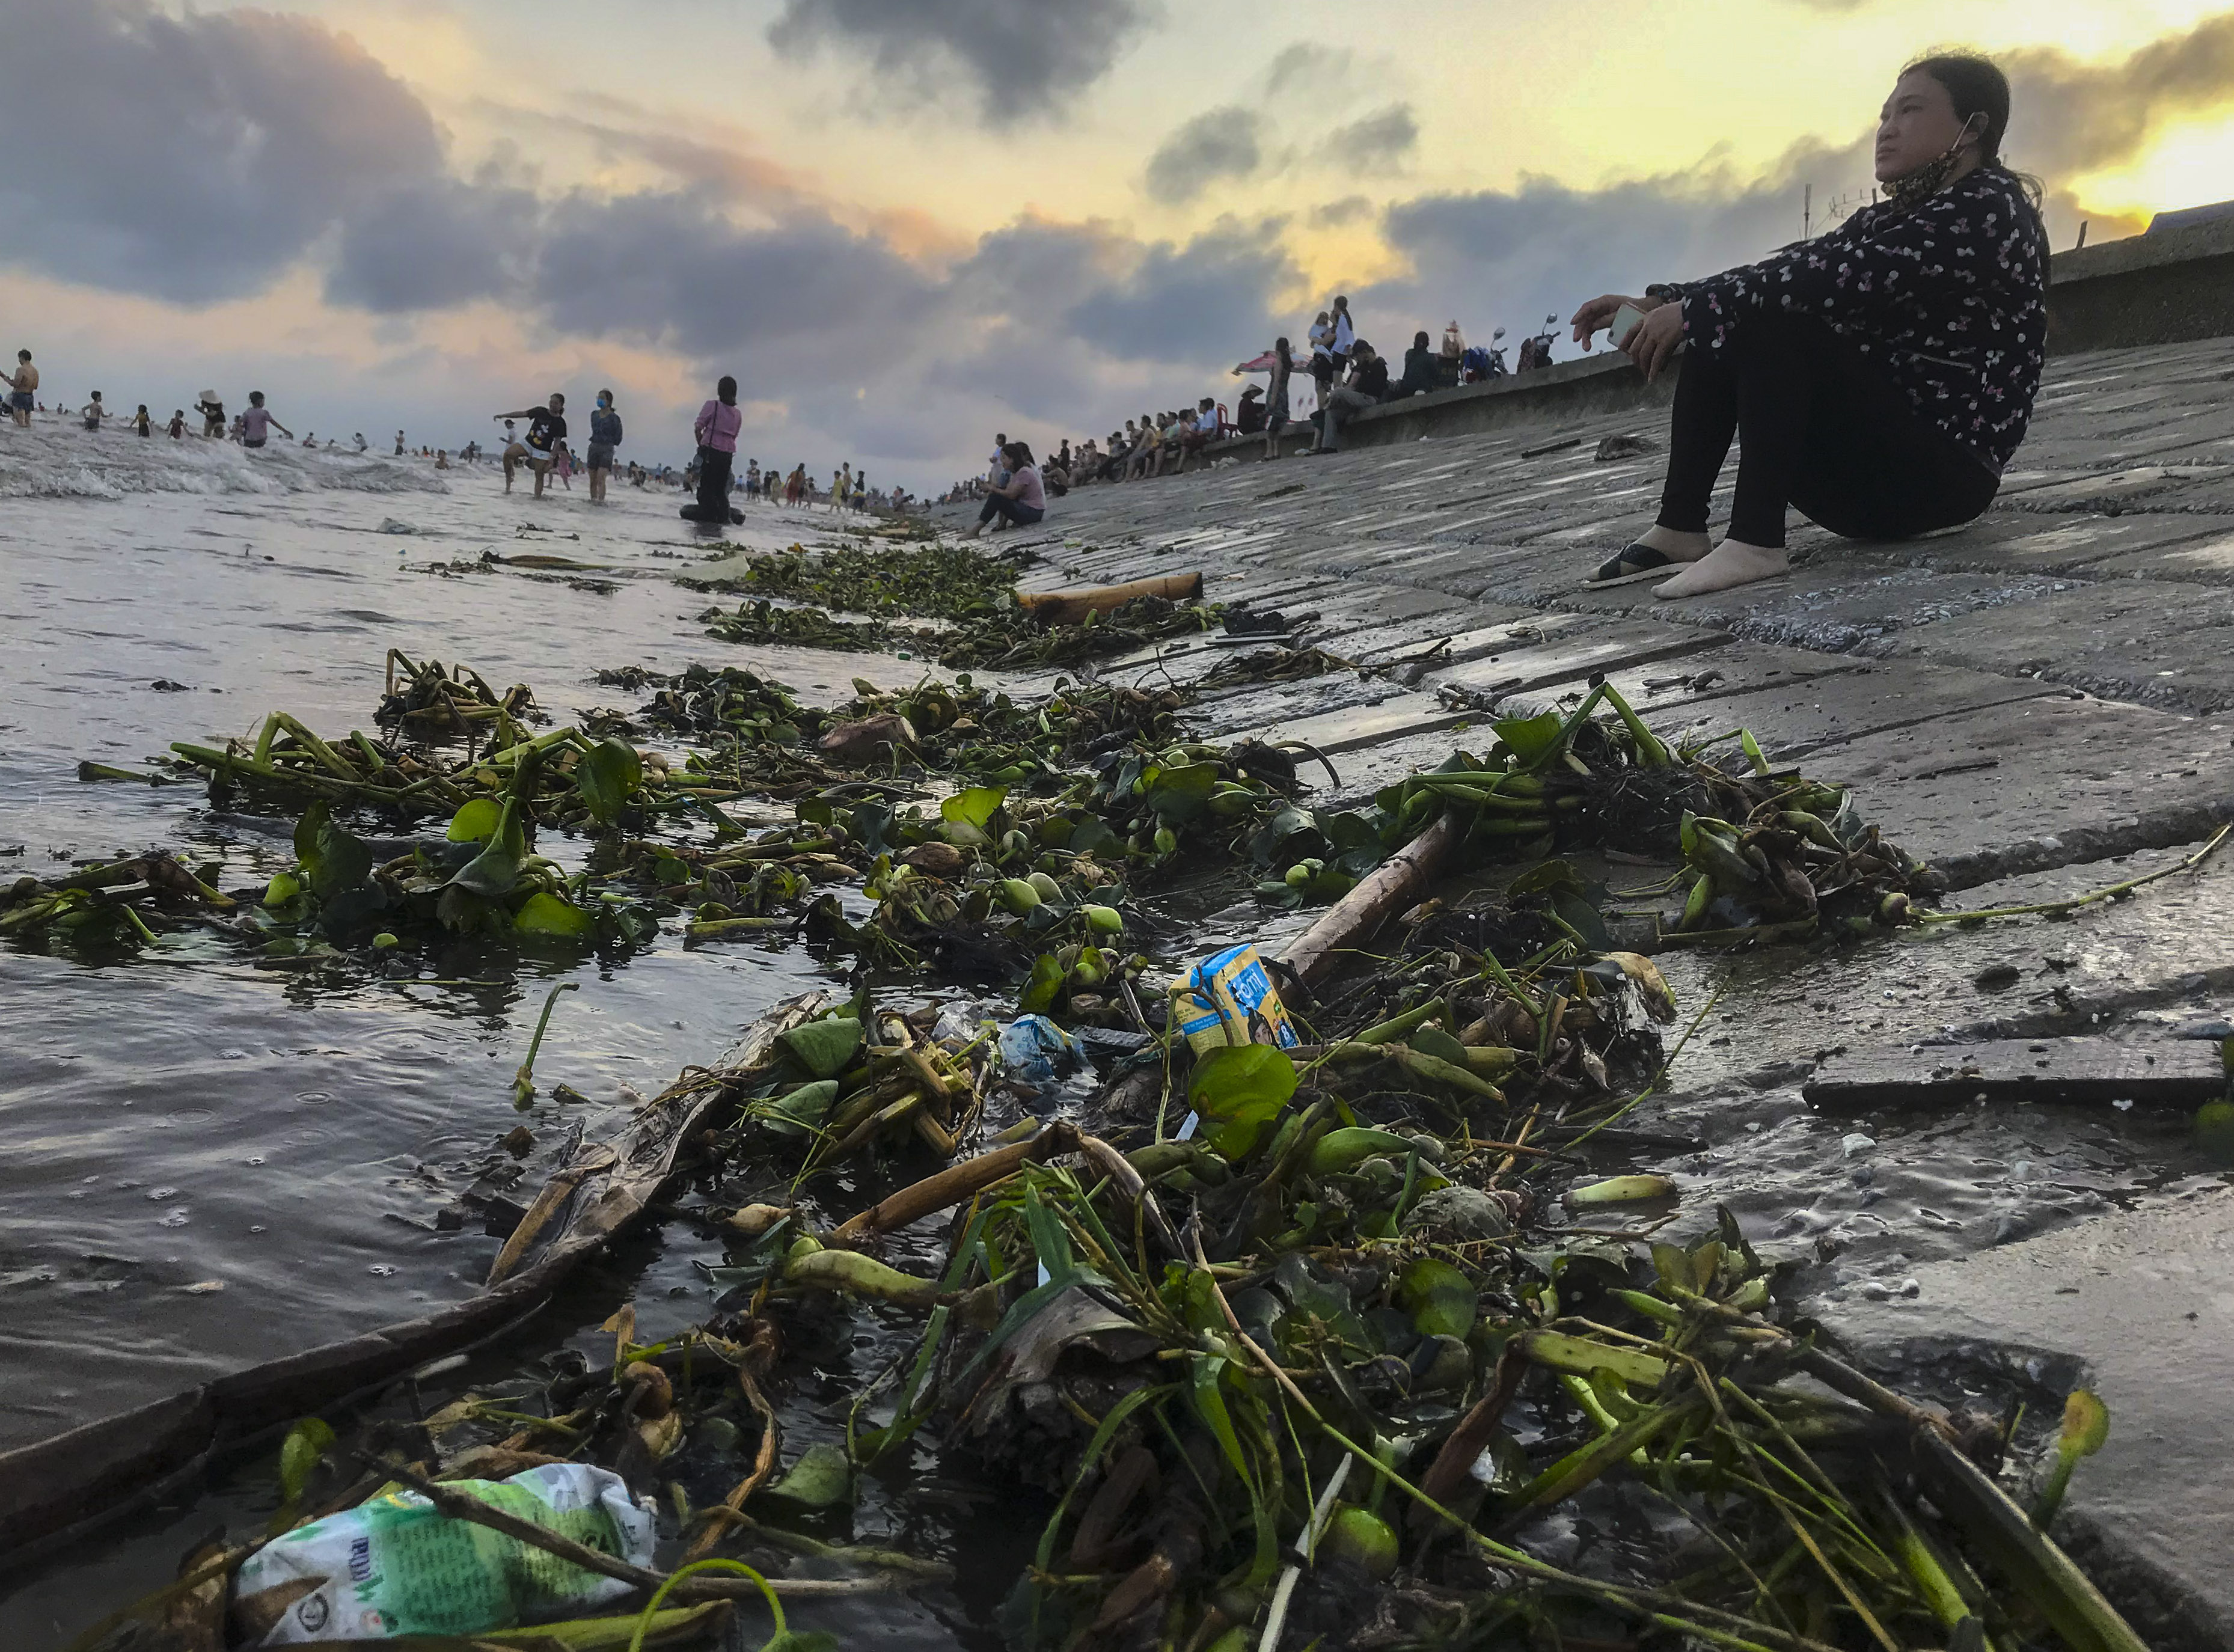 Ngày thứ 3 dịp nghỉ lễ, bãi biển Quất Lâm đông kín người, du khách tắm chung bèo, rác - Ảnh 13.